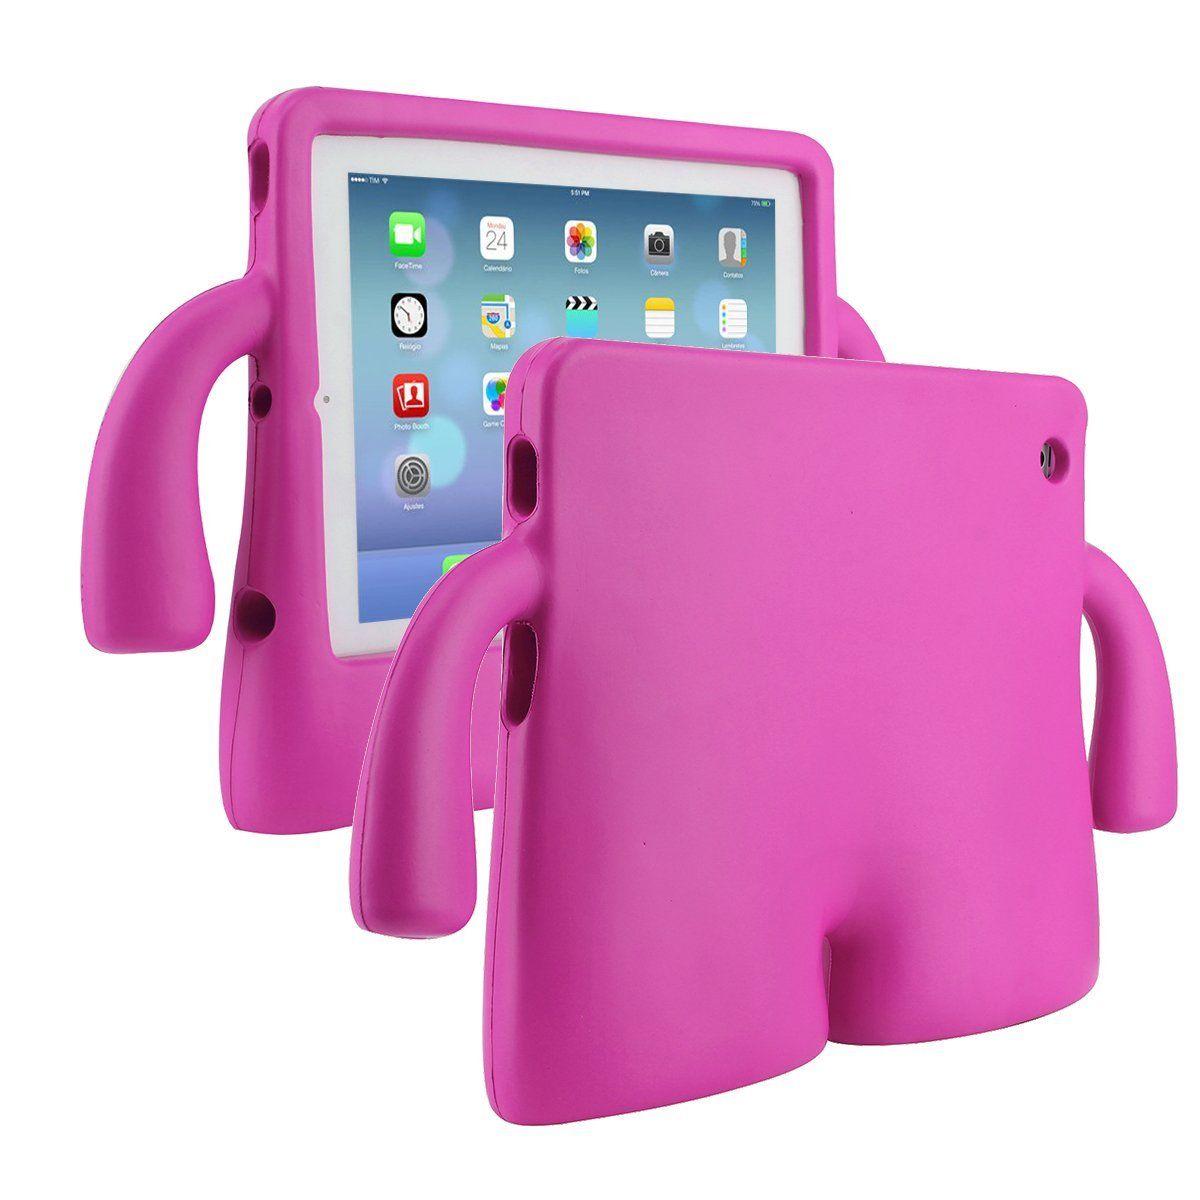 Capa para Ipad 2 3 4 Anti Impacto e Choque Infantil Emborrachada iGuy (Ano 2011/2012)